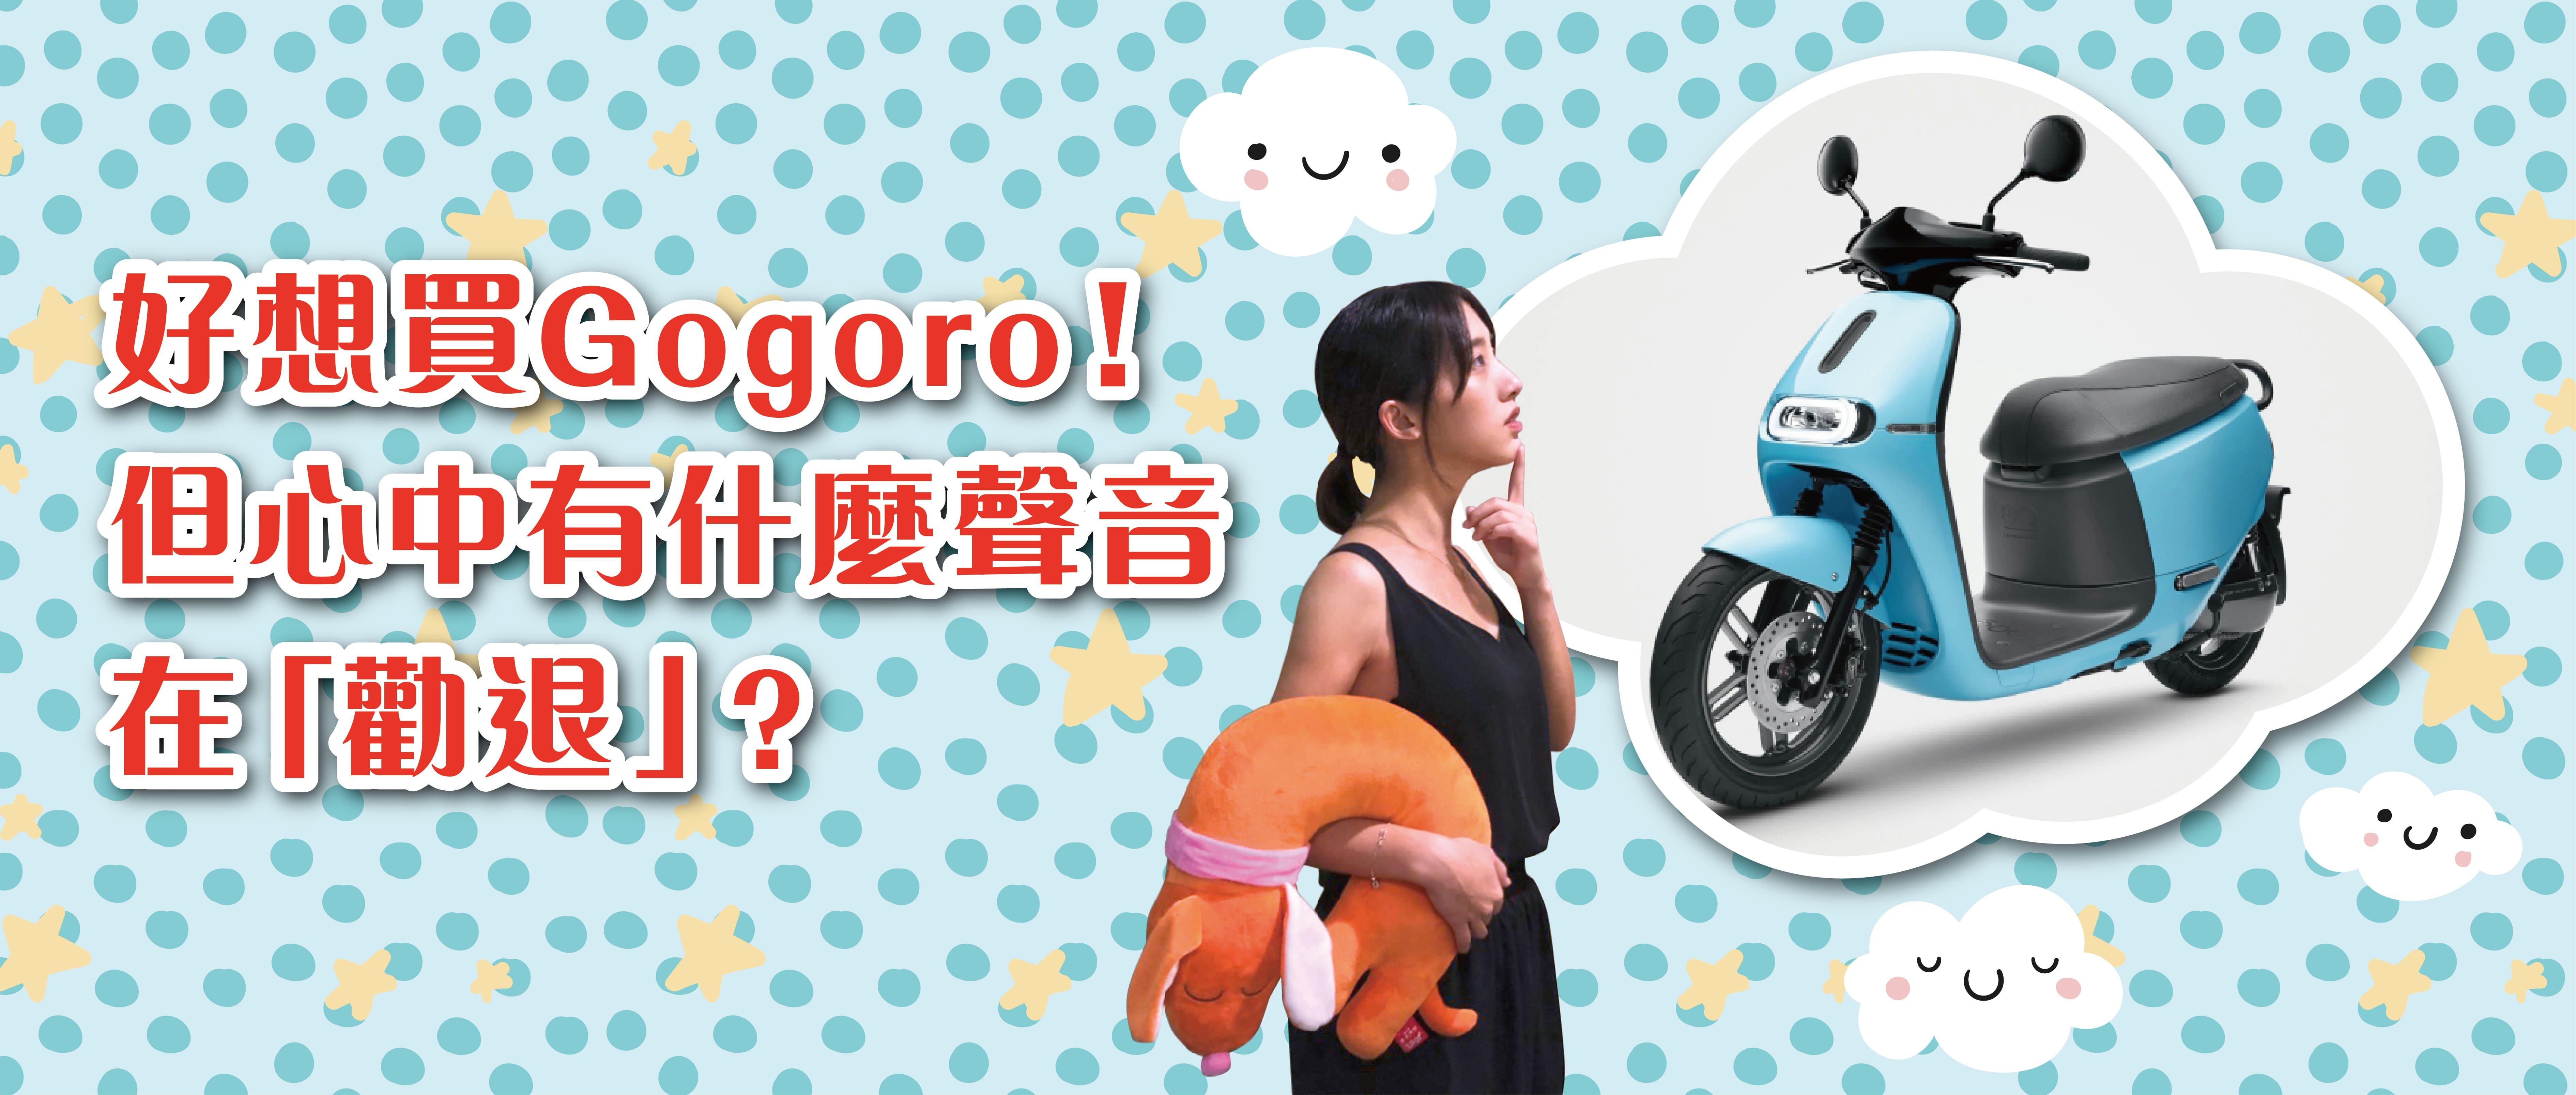 【有影】好想買Gogoro!但心中到底有什麼聲音在「勸退」?